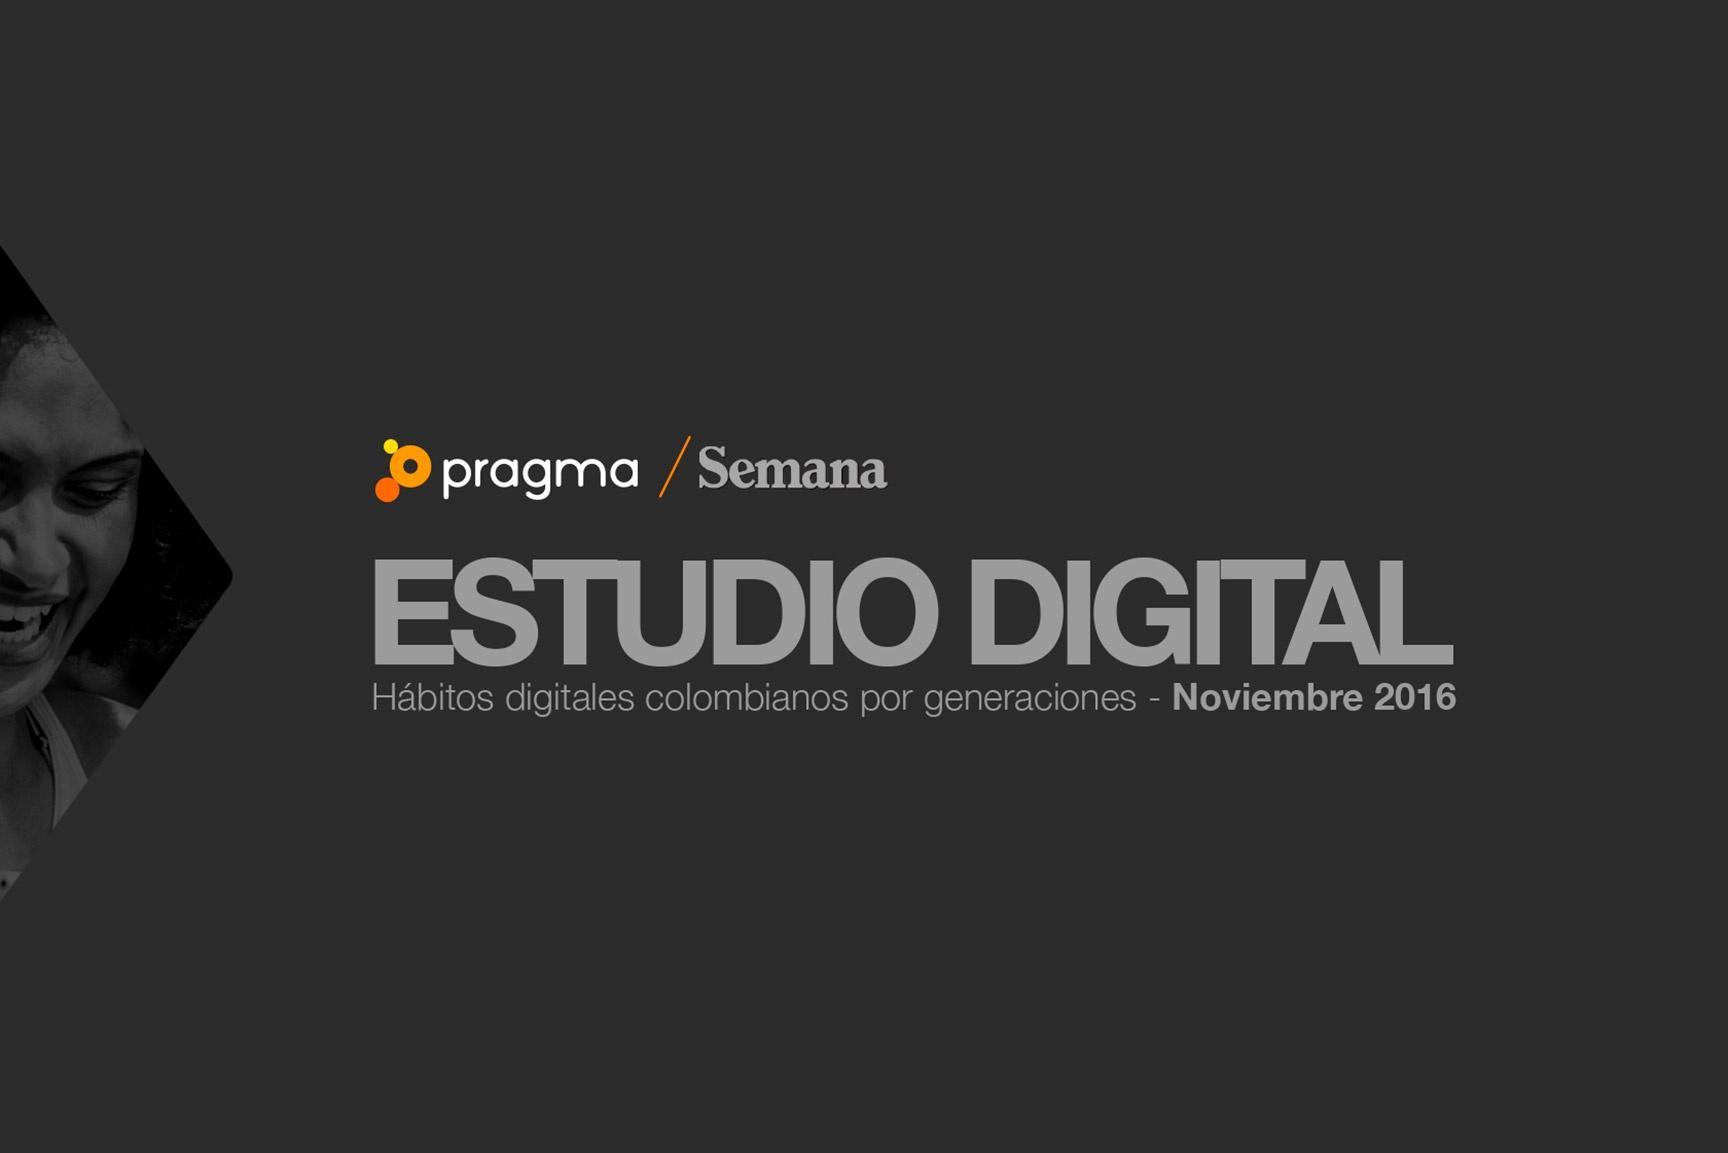 h_cuales_son_los_habitos_digitales_de_los_colombianos.jpg